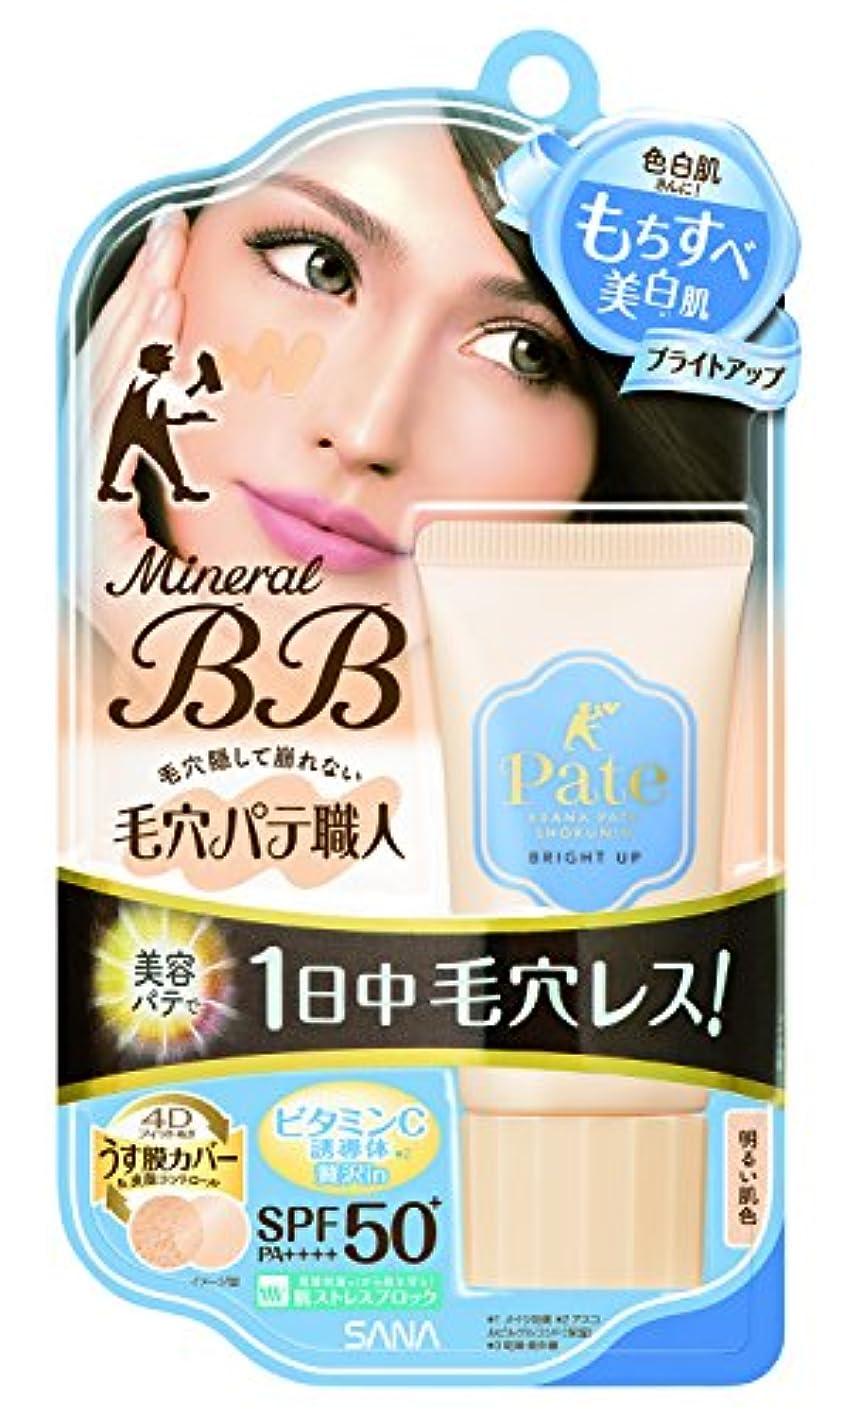 クロス血まみれの篭毛穴パテ職人 ミネラルBBクリーム ブライトアップ 明るい肌色 30g